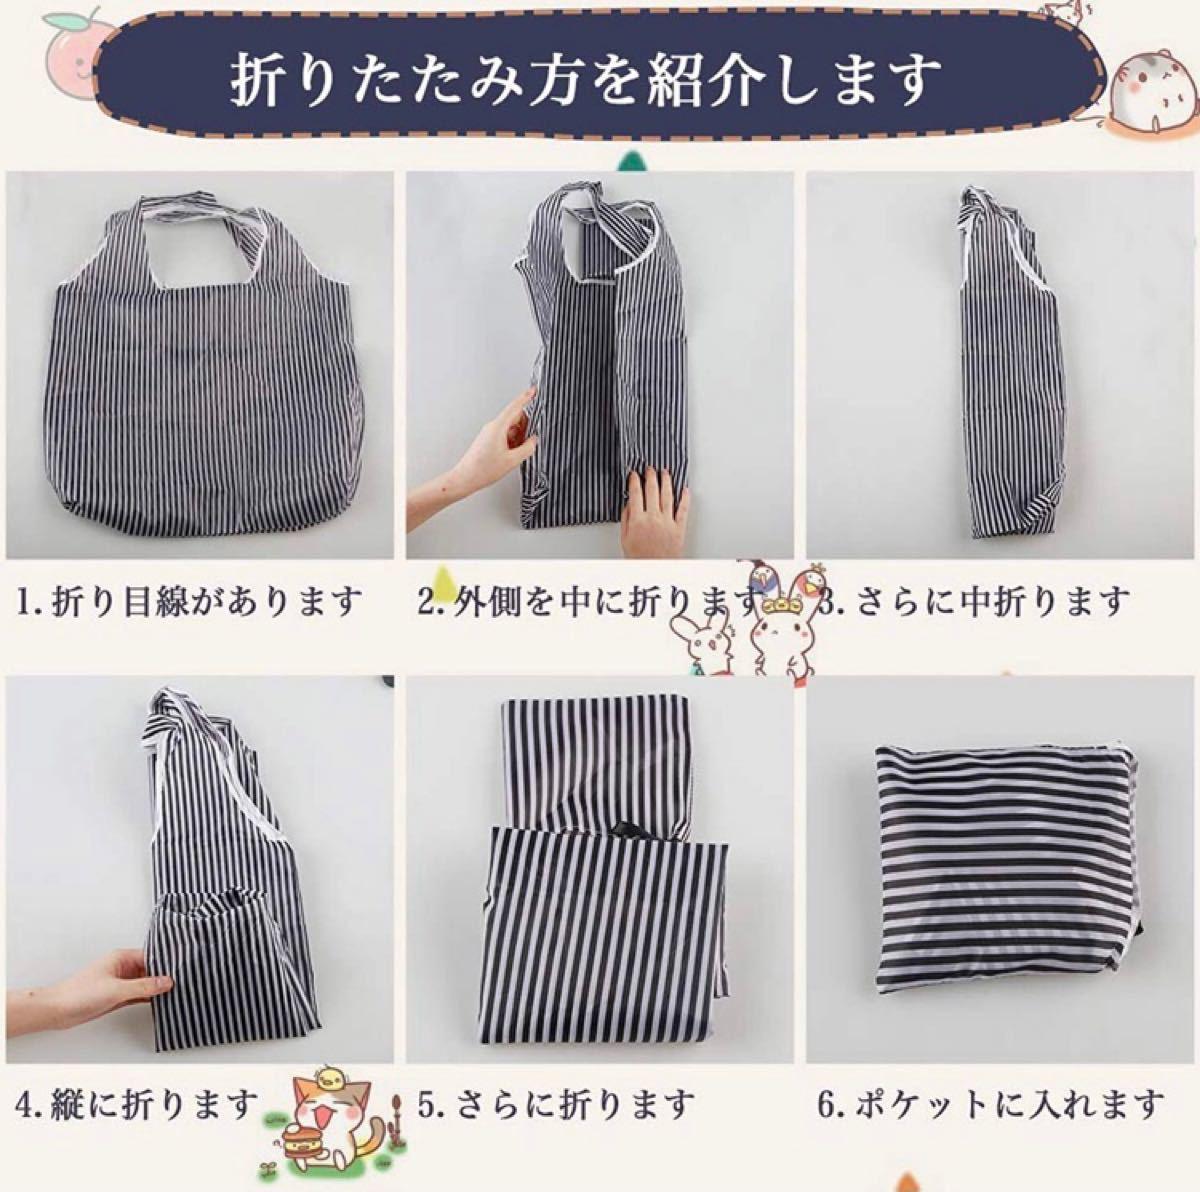 エコバッグ 折りたたみ 買い物袋 マチ広め コンビニバッグ 大容量 防水素材 軽量  1枚入 (1枚のお値段になります)